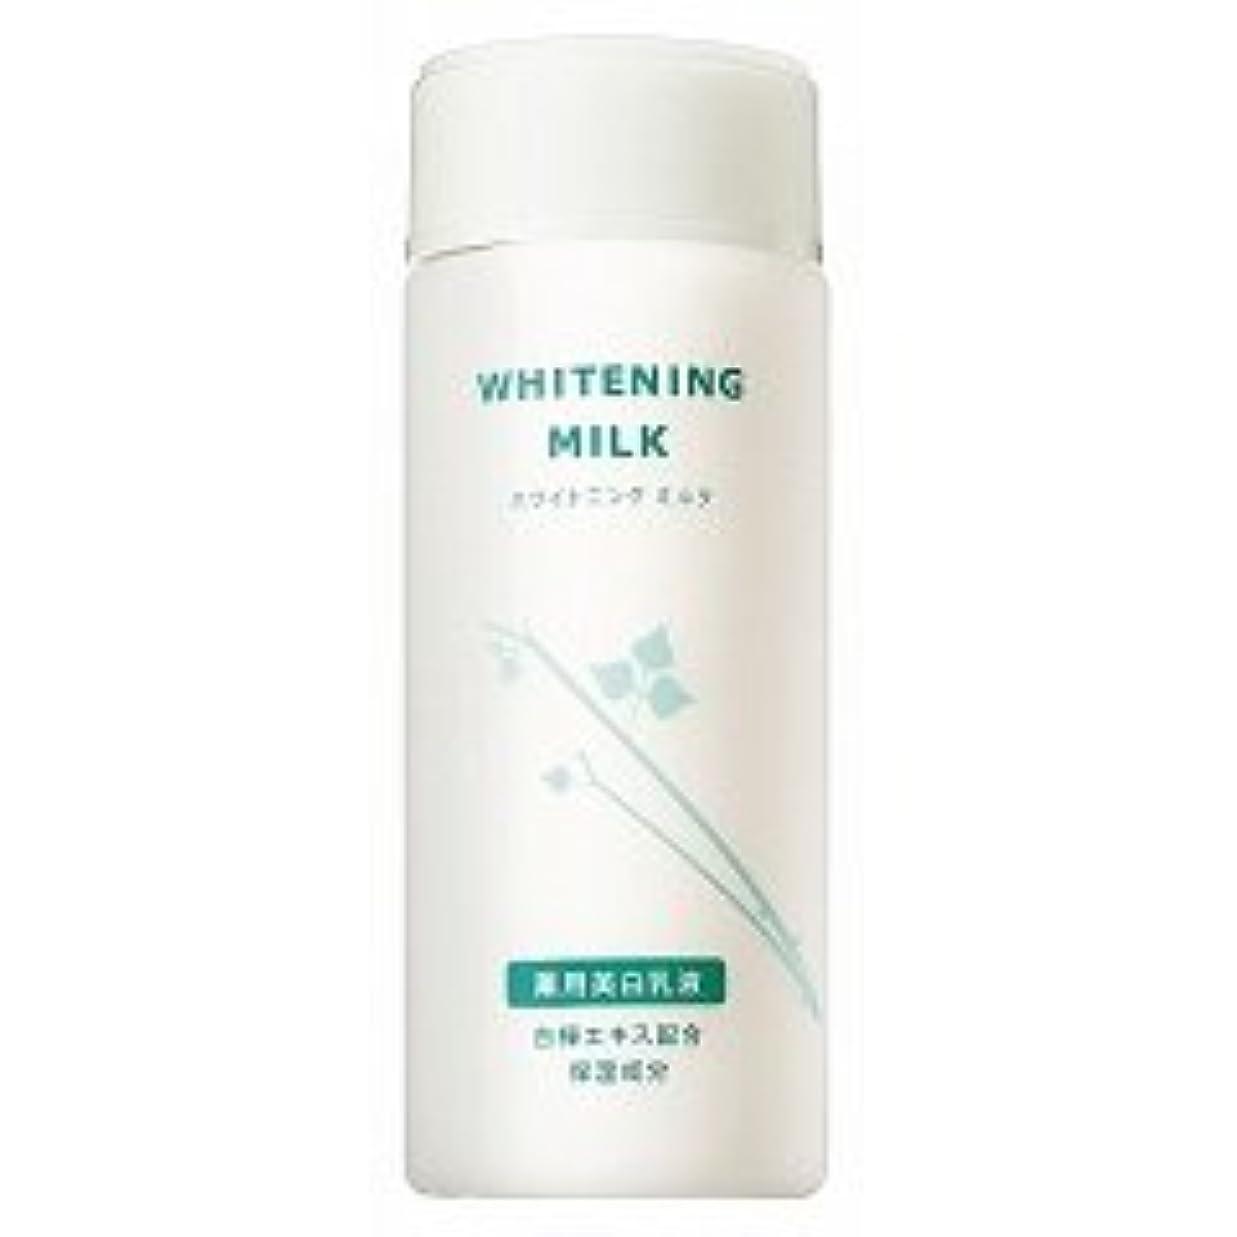 ピストル新年アジアエイボン(AVON) 美白乳液 ホワイトニング ミルク 150ml【医薬部外品】